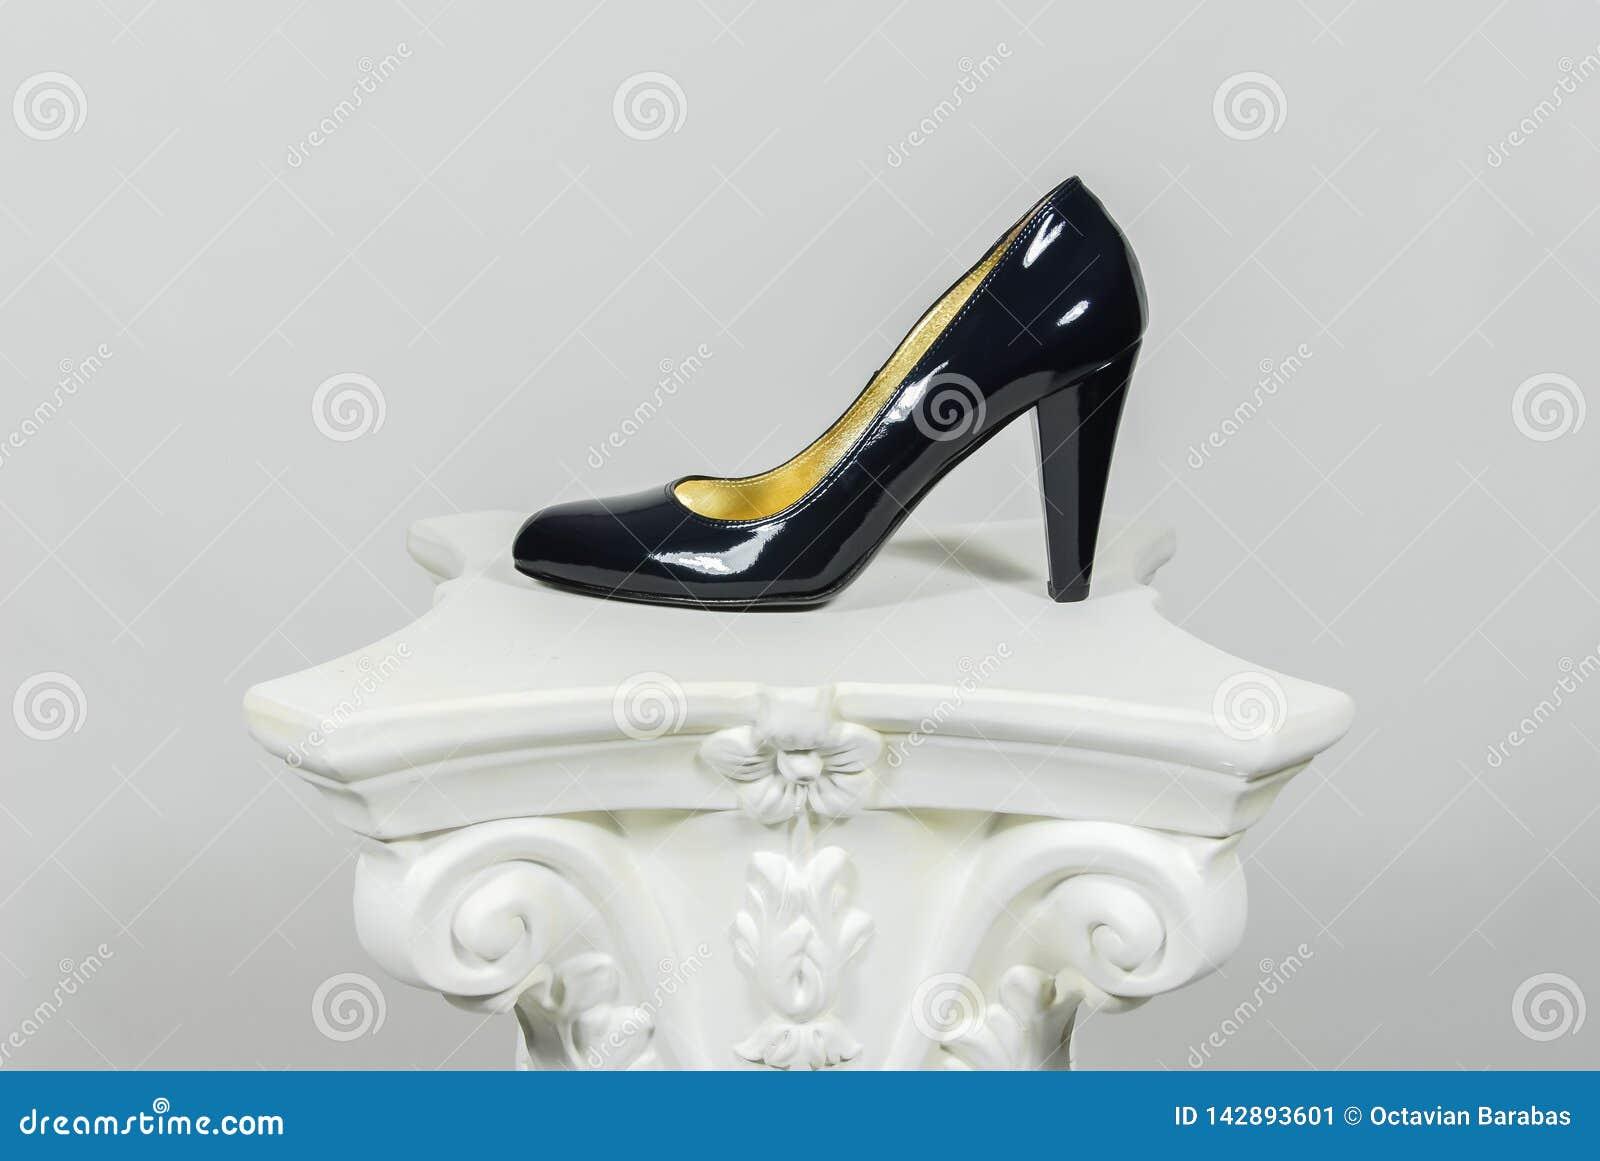 Elegancka czarna kobieta heeled rzemiennego but na greckiej kolumnie